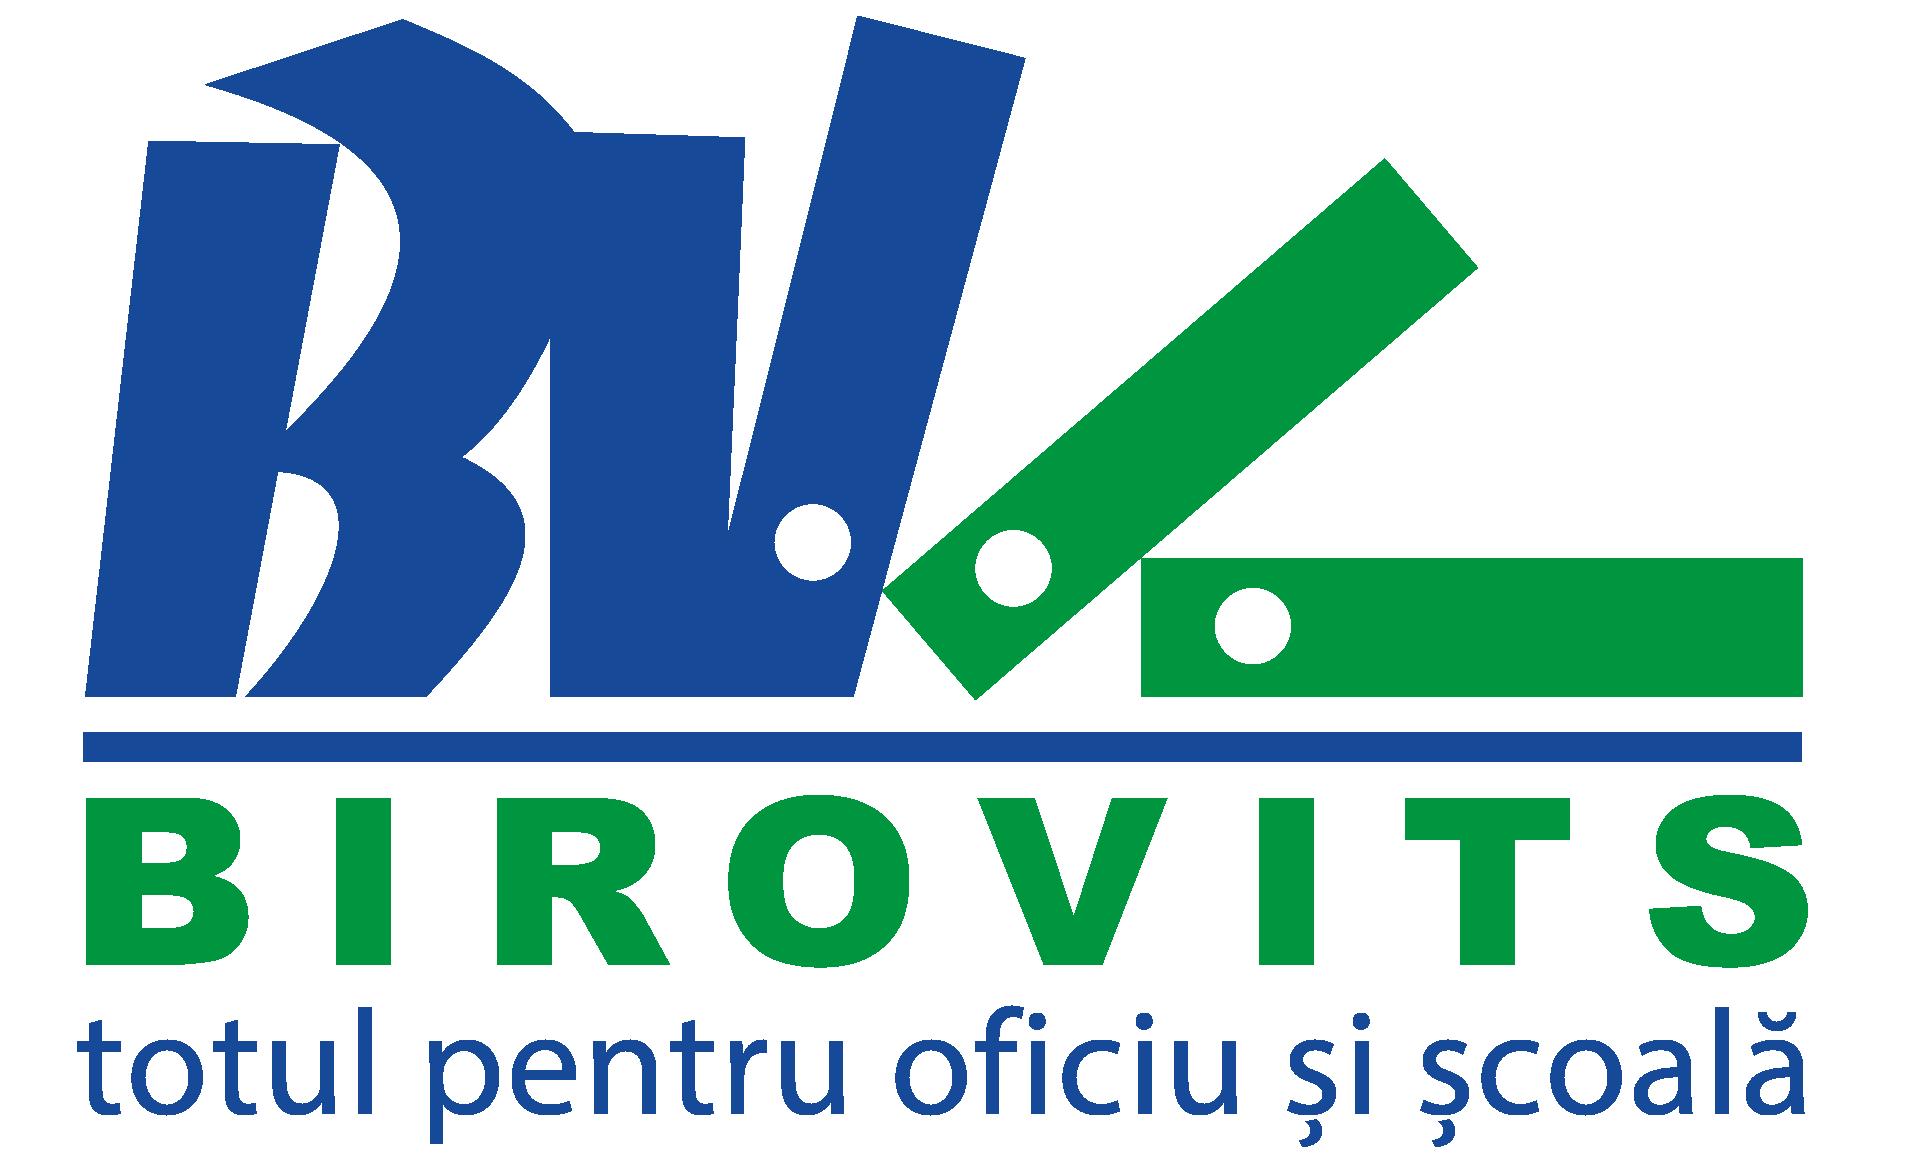 Birovits